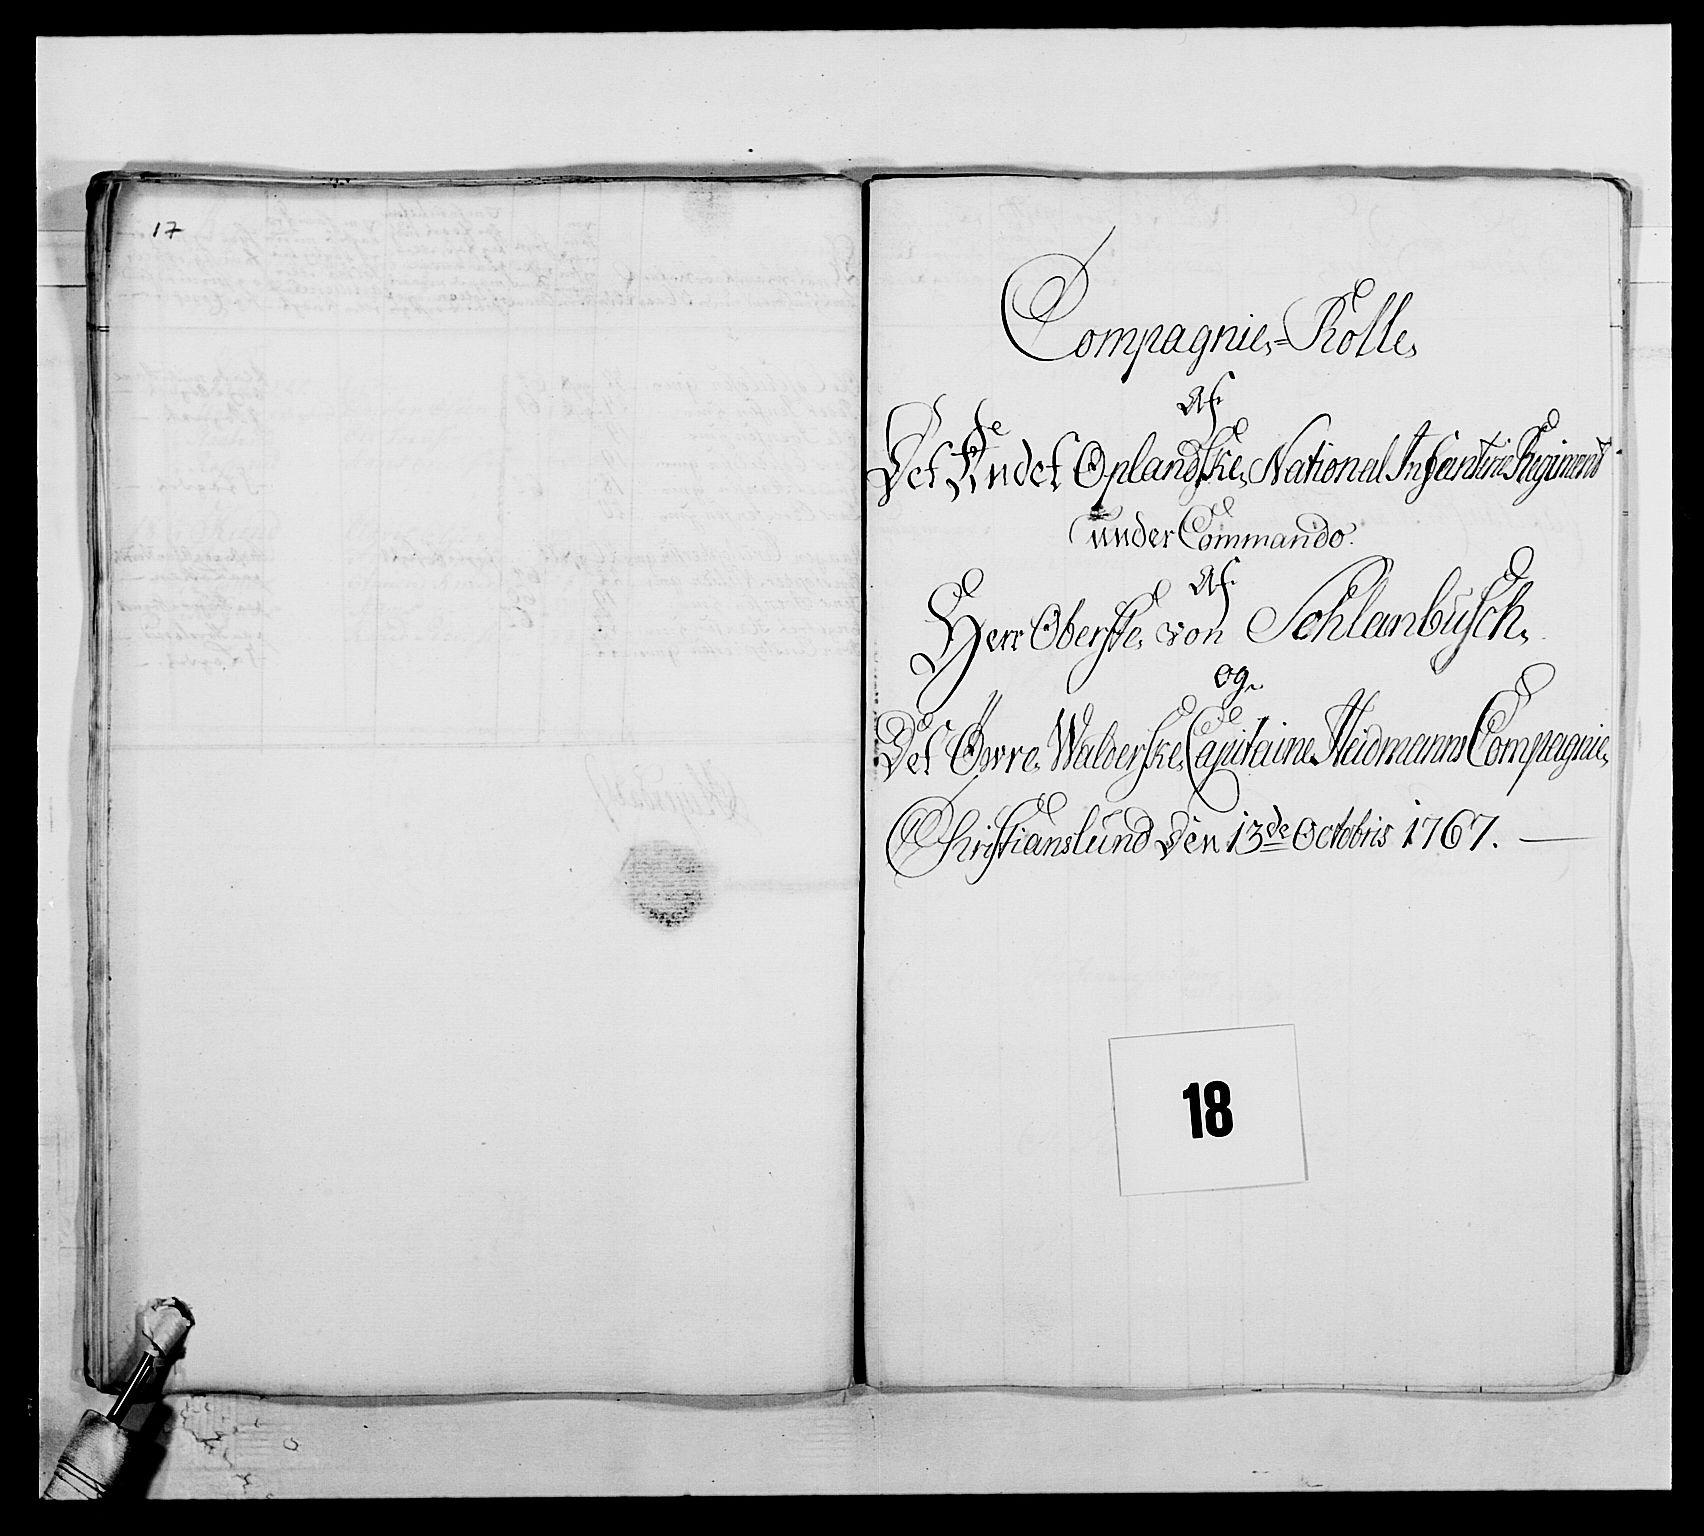 RA, Kommanderende general (KG I) med Det norske krigsdirektorium, E/Ea/L0507: 2. Opplandske regiment, 1766-1767, s. 396